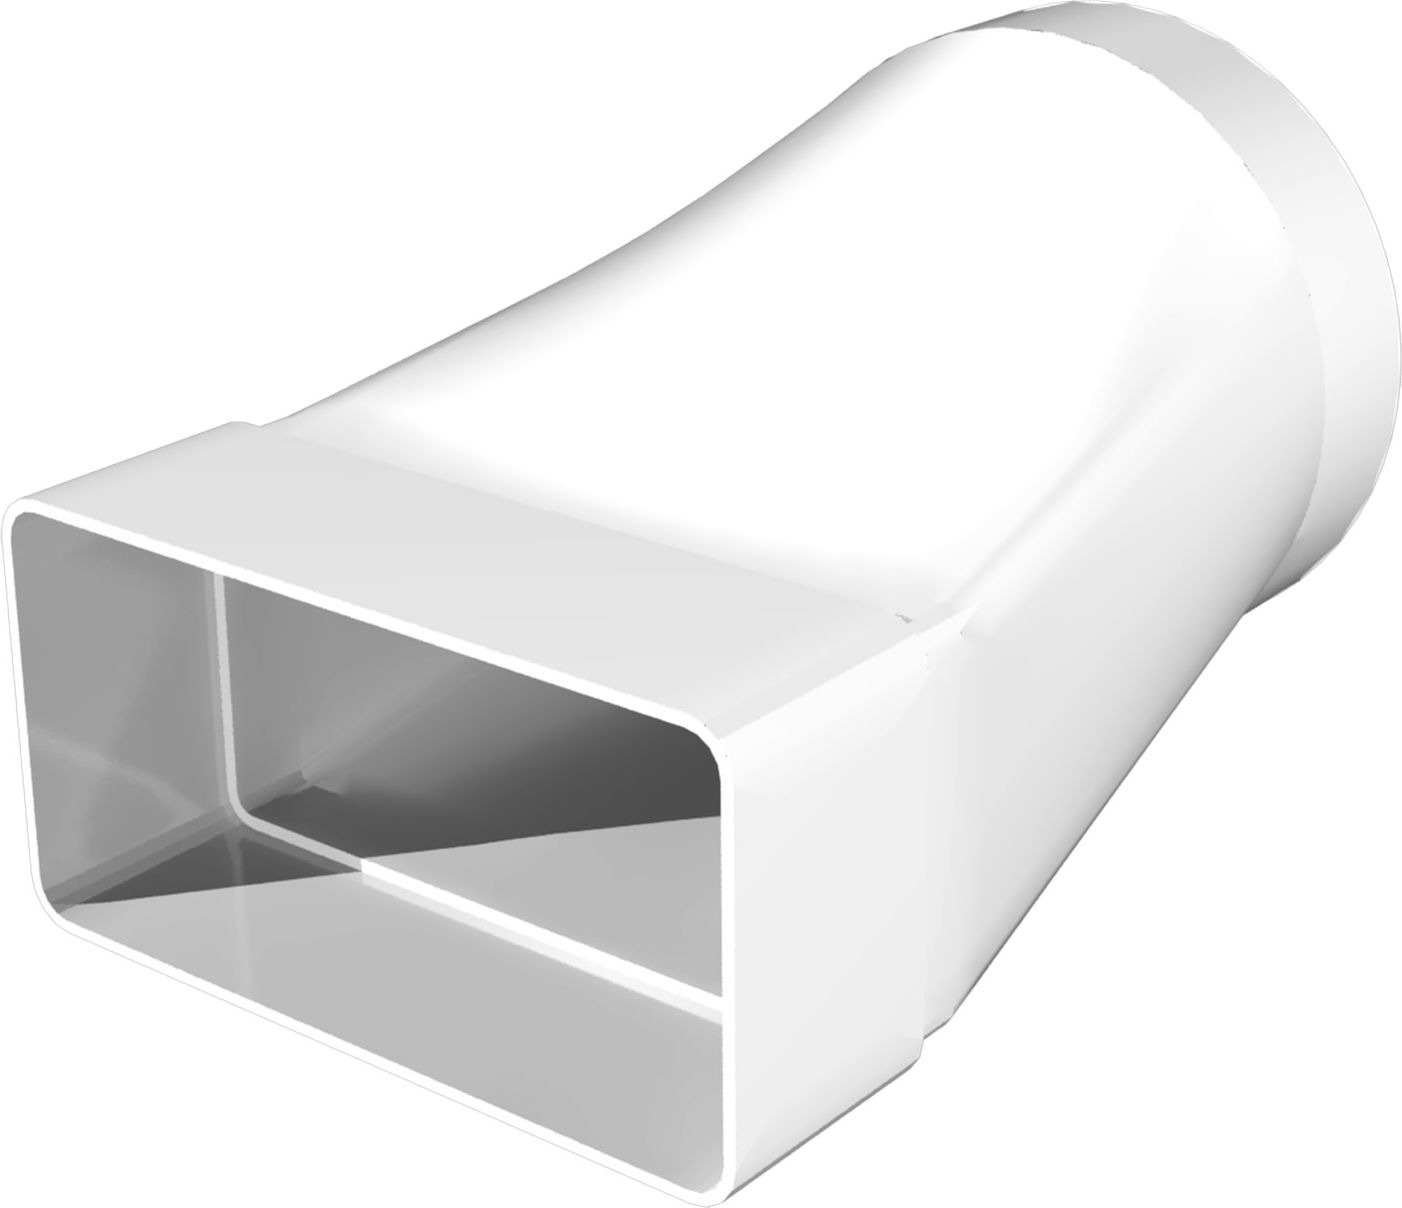 Соединительно-монтажный элемент ERA, 511СП10КП, белый, для соединения плоского воздуховода с круглым накладка торцевая пластик 150х150 для воздуховода d100